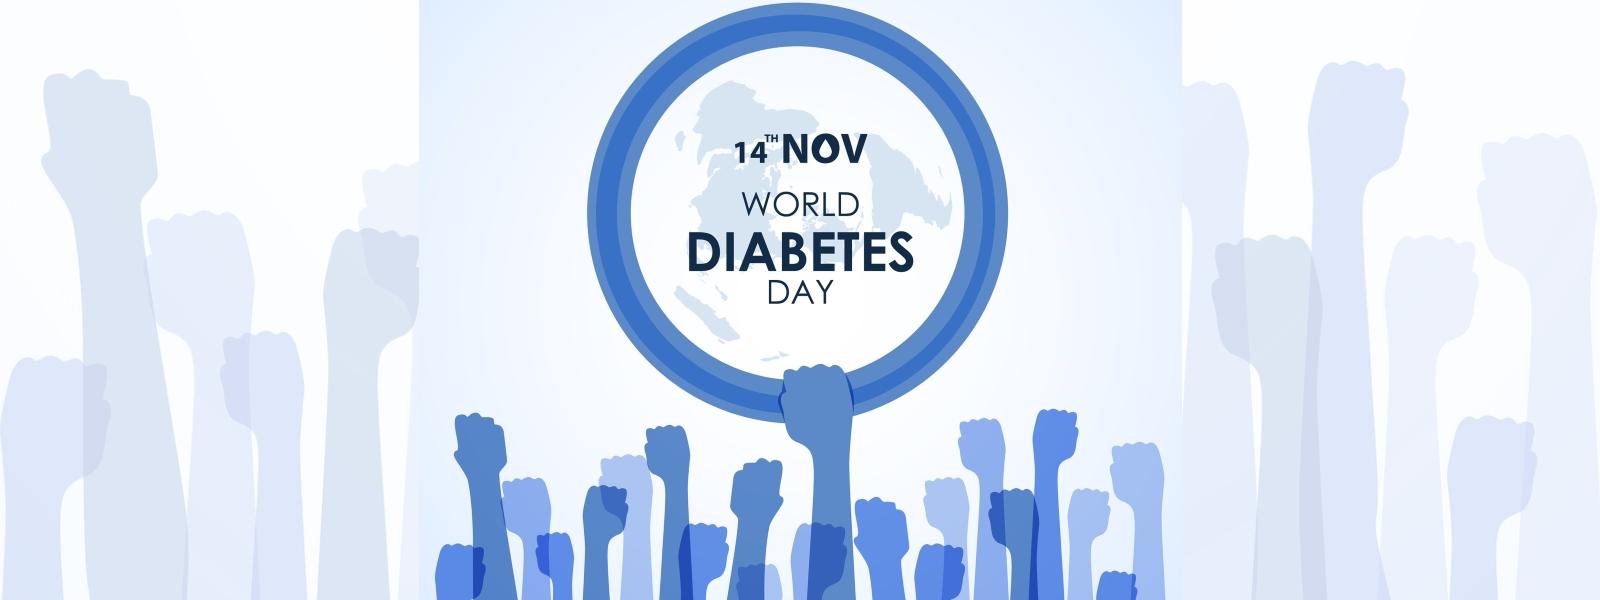 Diabetic patients should take more precautions amidst COVID-19 pandemic: DGHS